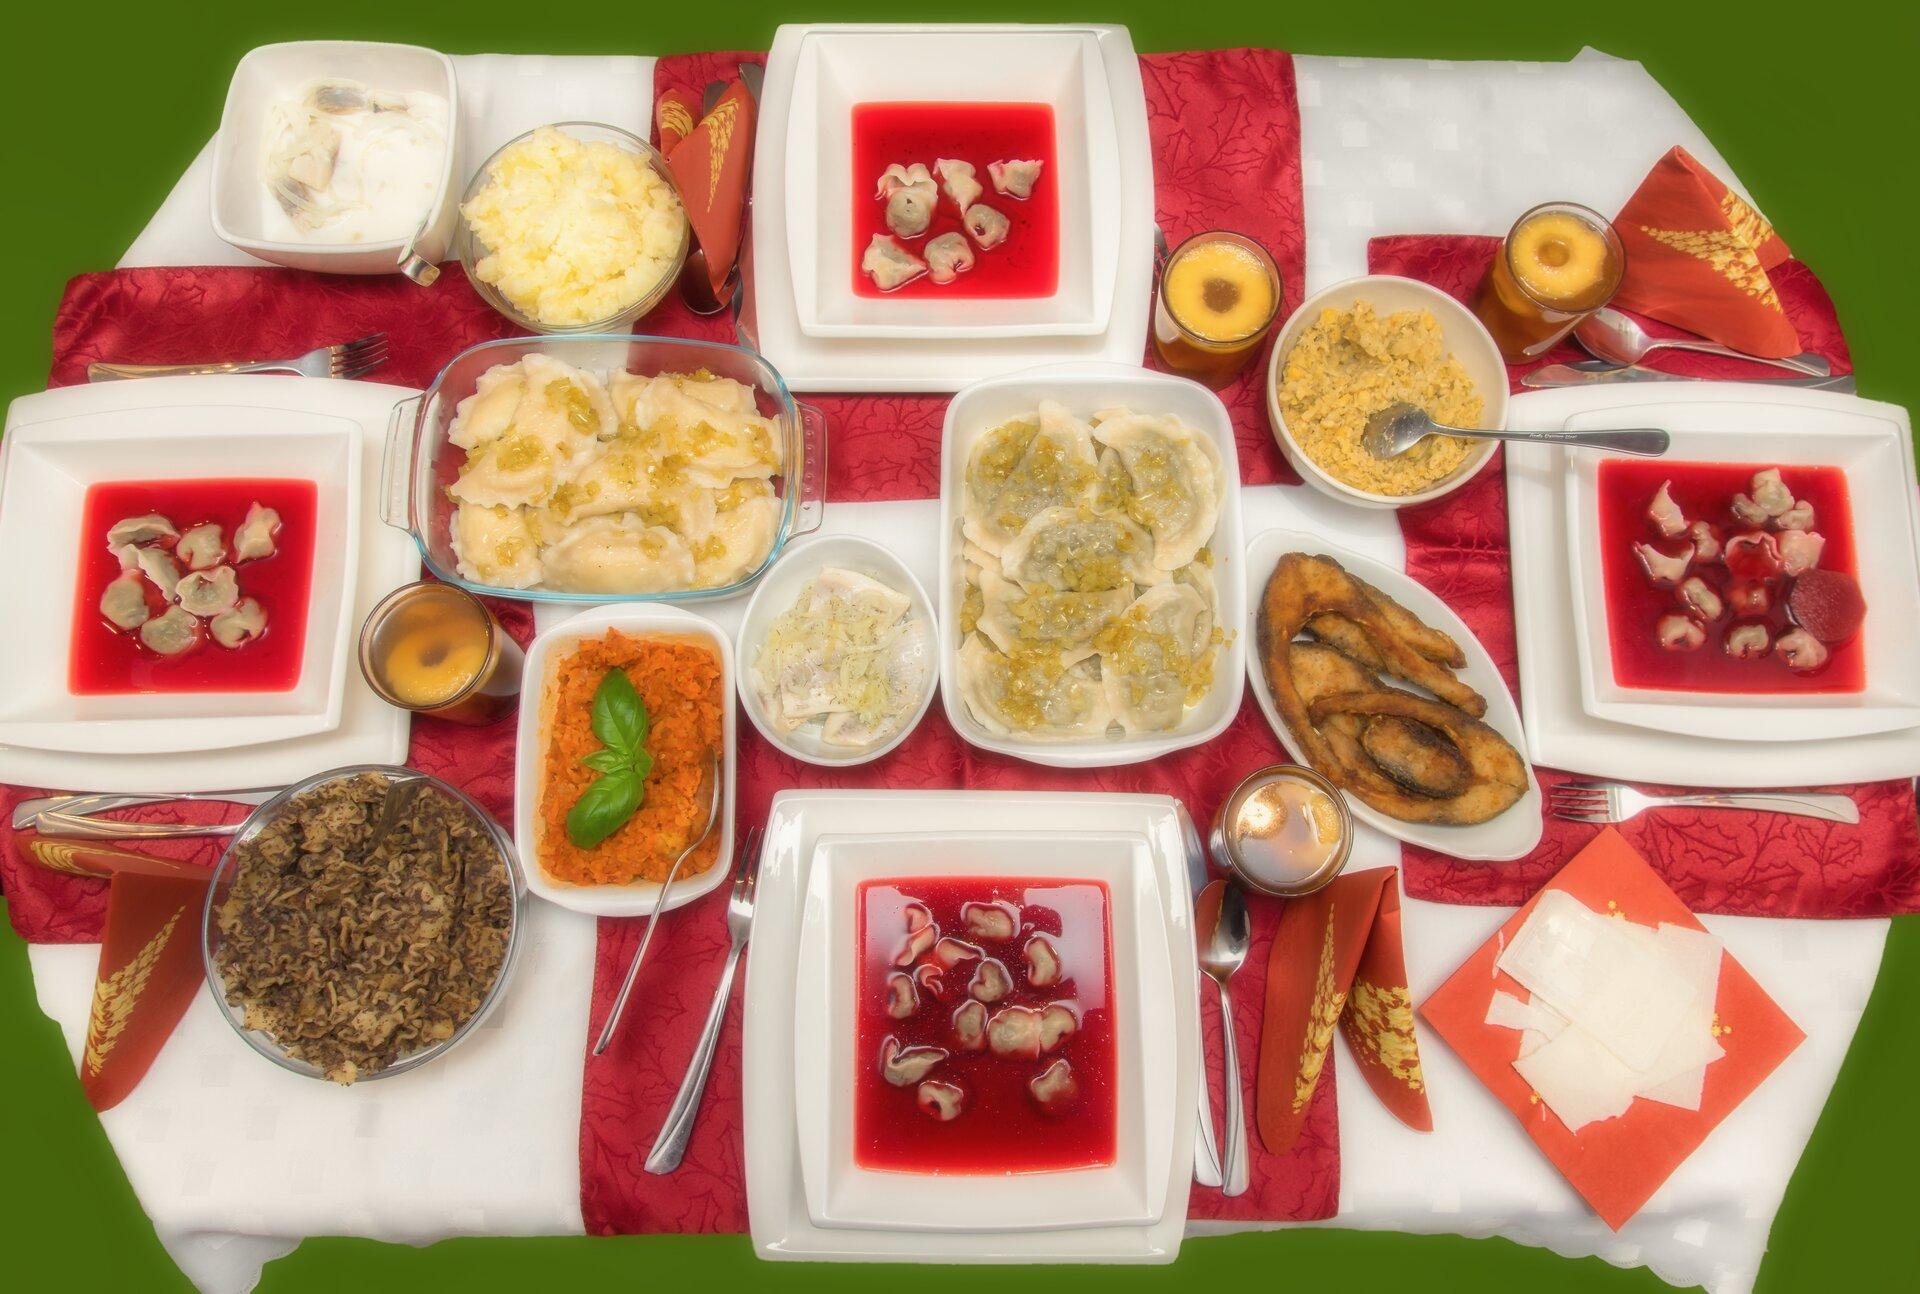 Ilustracja przedstawia stół wigilijny. Na stole znajdują się pełne talerze zczerwonym barszczem iuszkami. Wpółmiskach znajdują się dania wigilijne takie jak: kutię, rybę po grecku, karp, pierogi, kompot, śledzie.